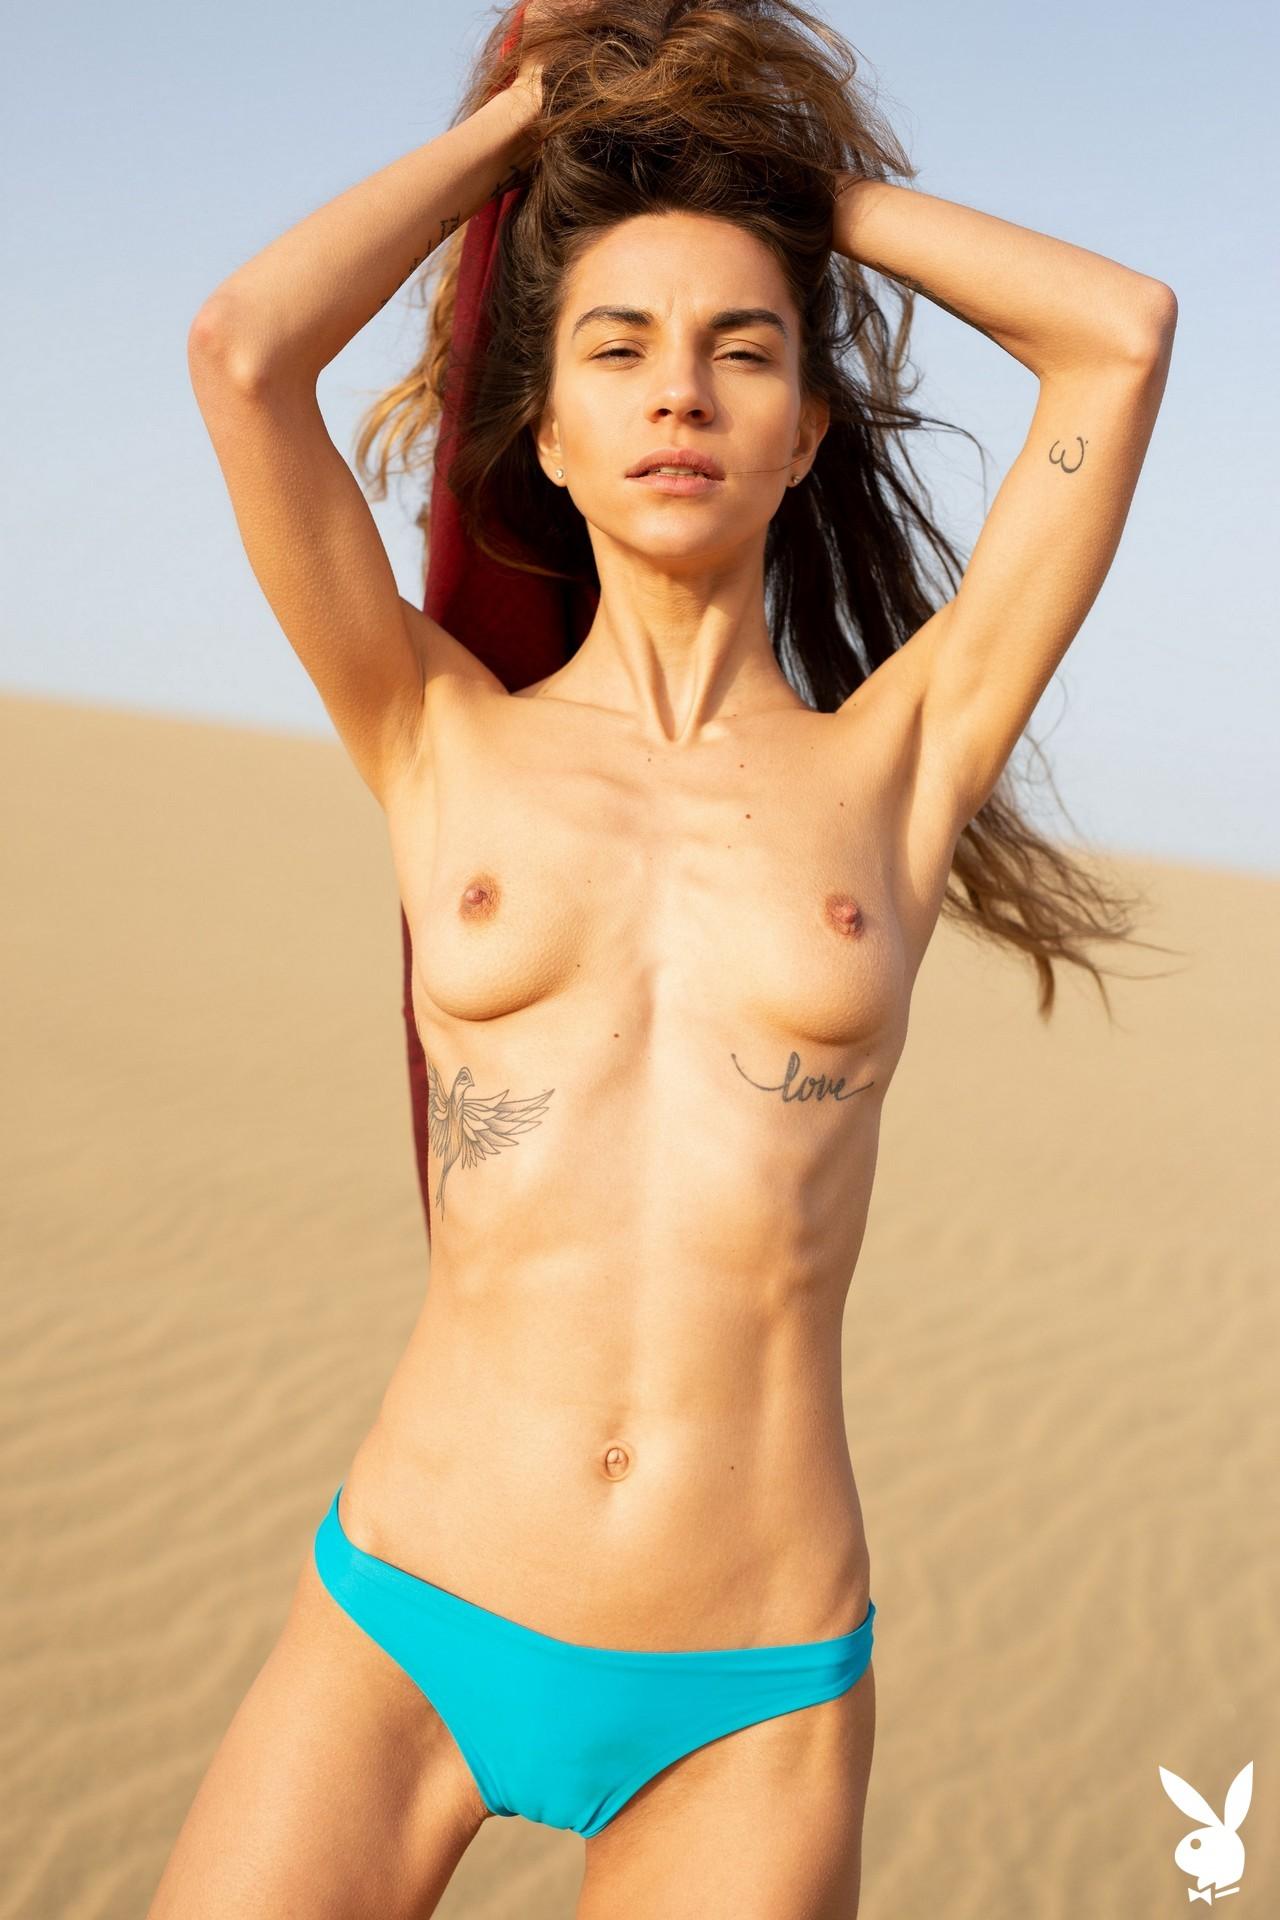 Whitney Rose Pynn